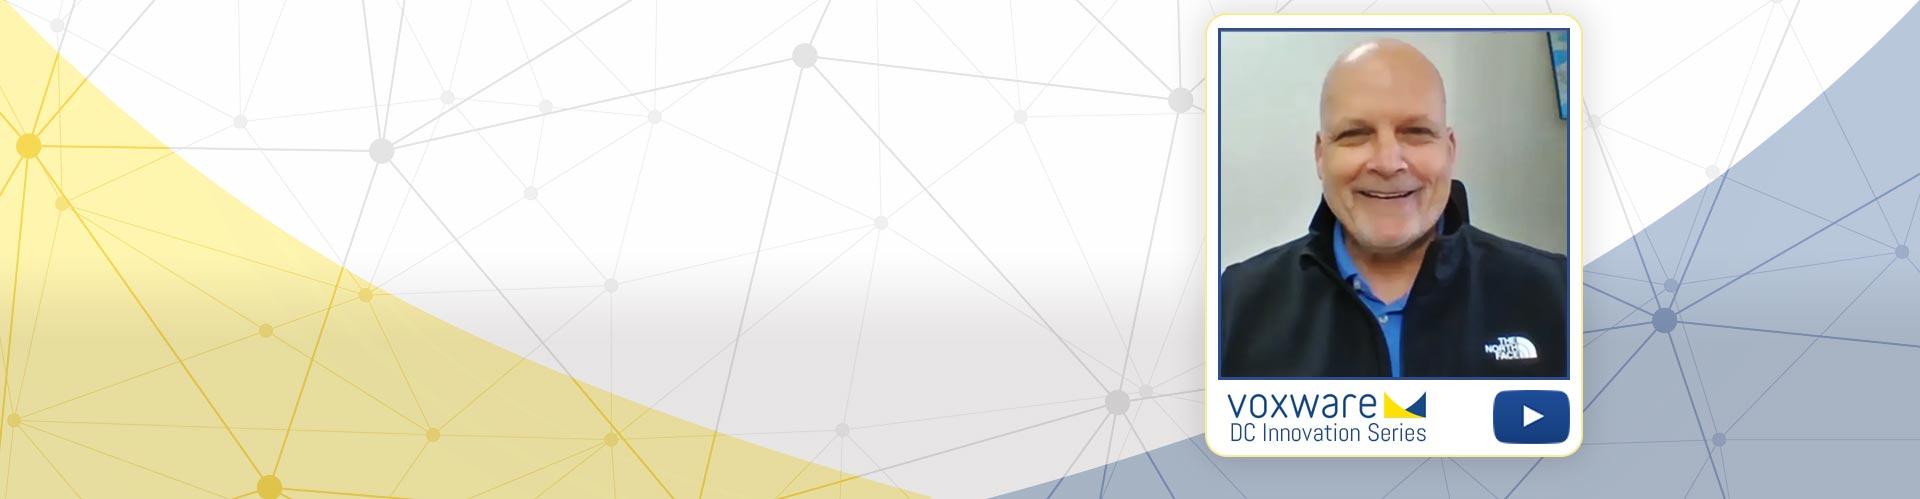 voxware-innovation-series-mark-duffy